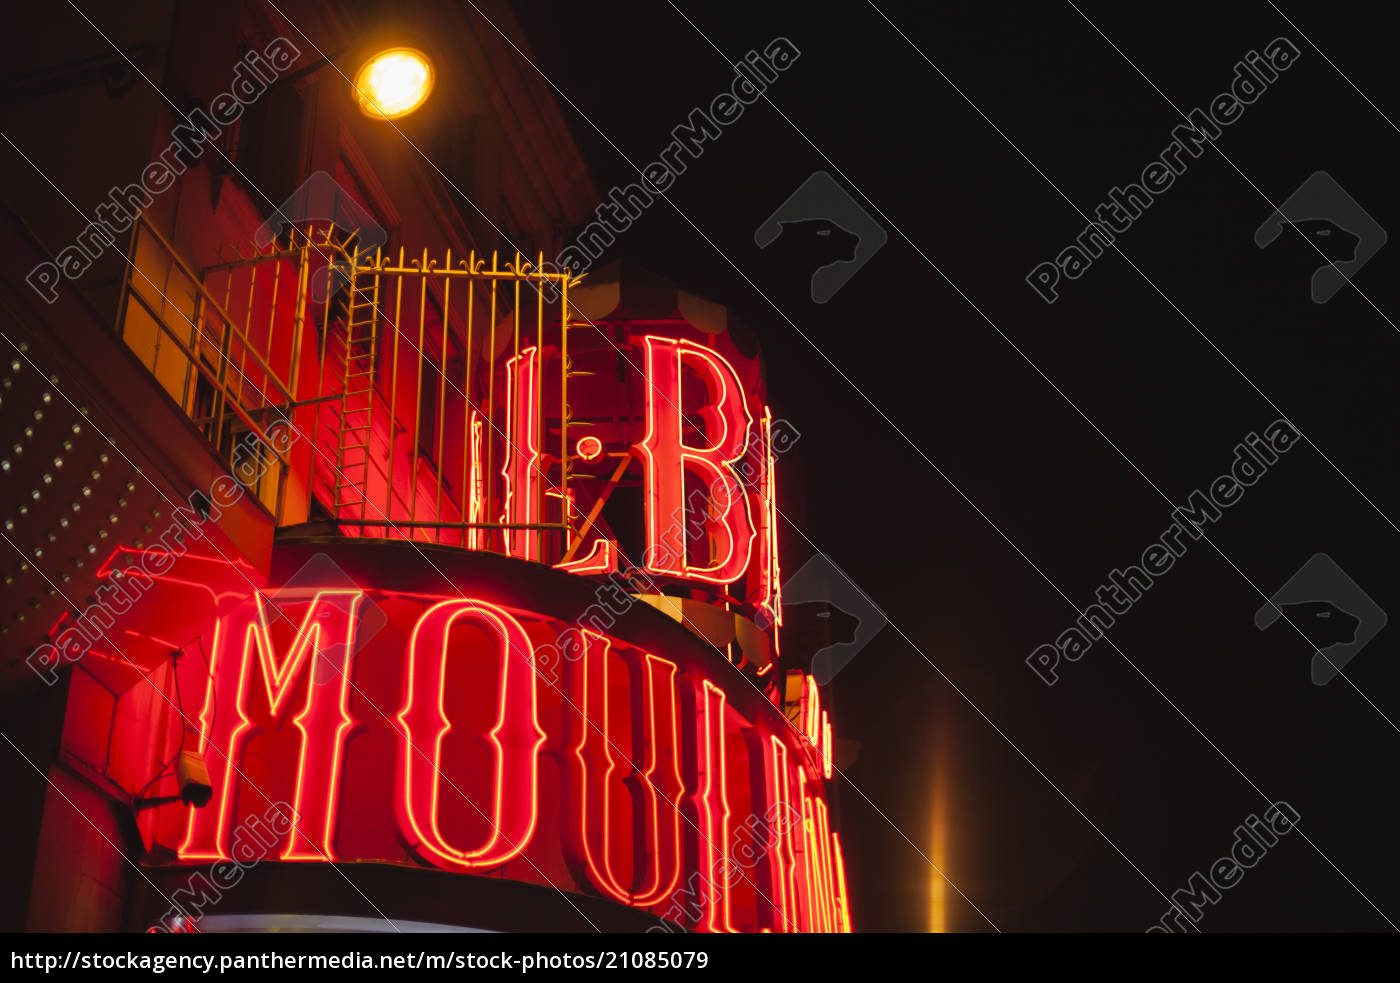 frança, paris, ilumina, o, moulin, rouge, de, noite - 21085079